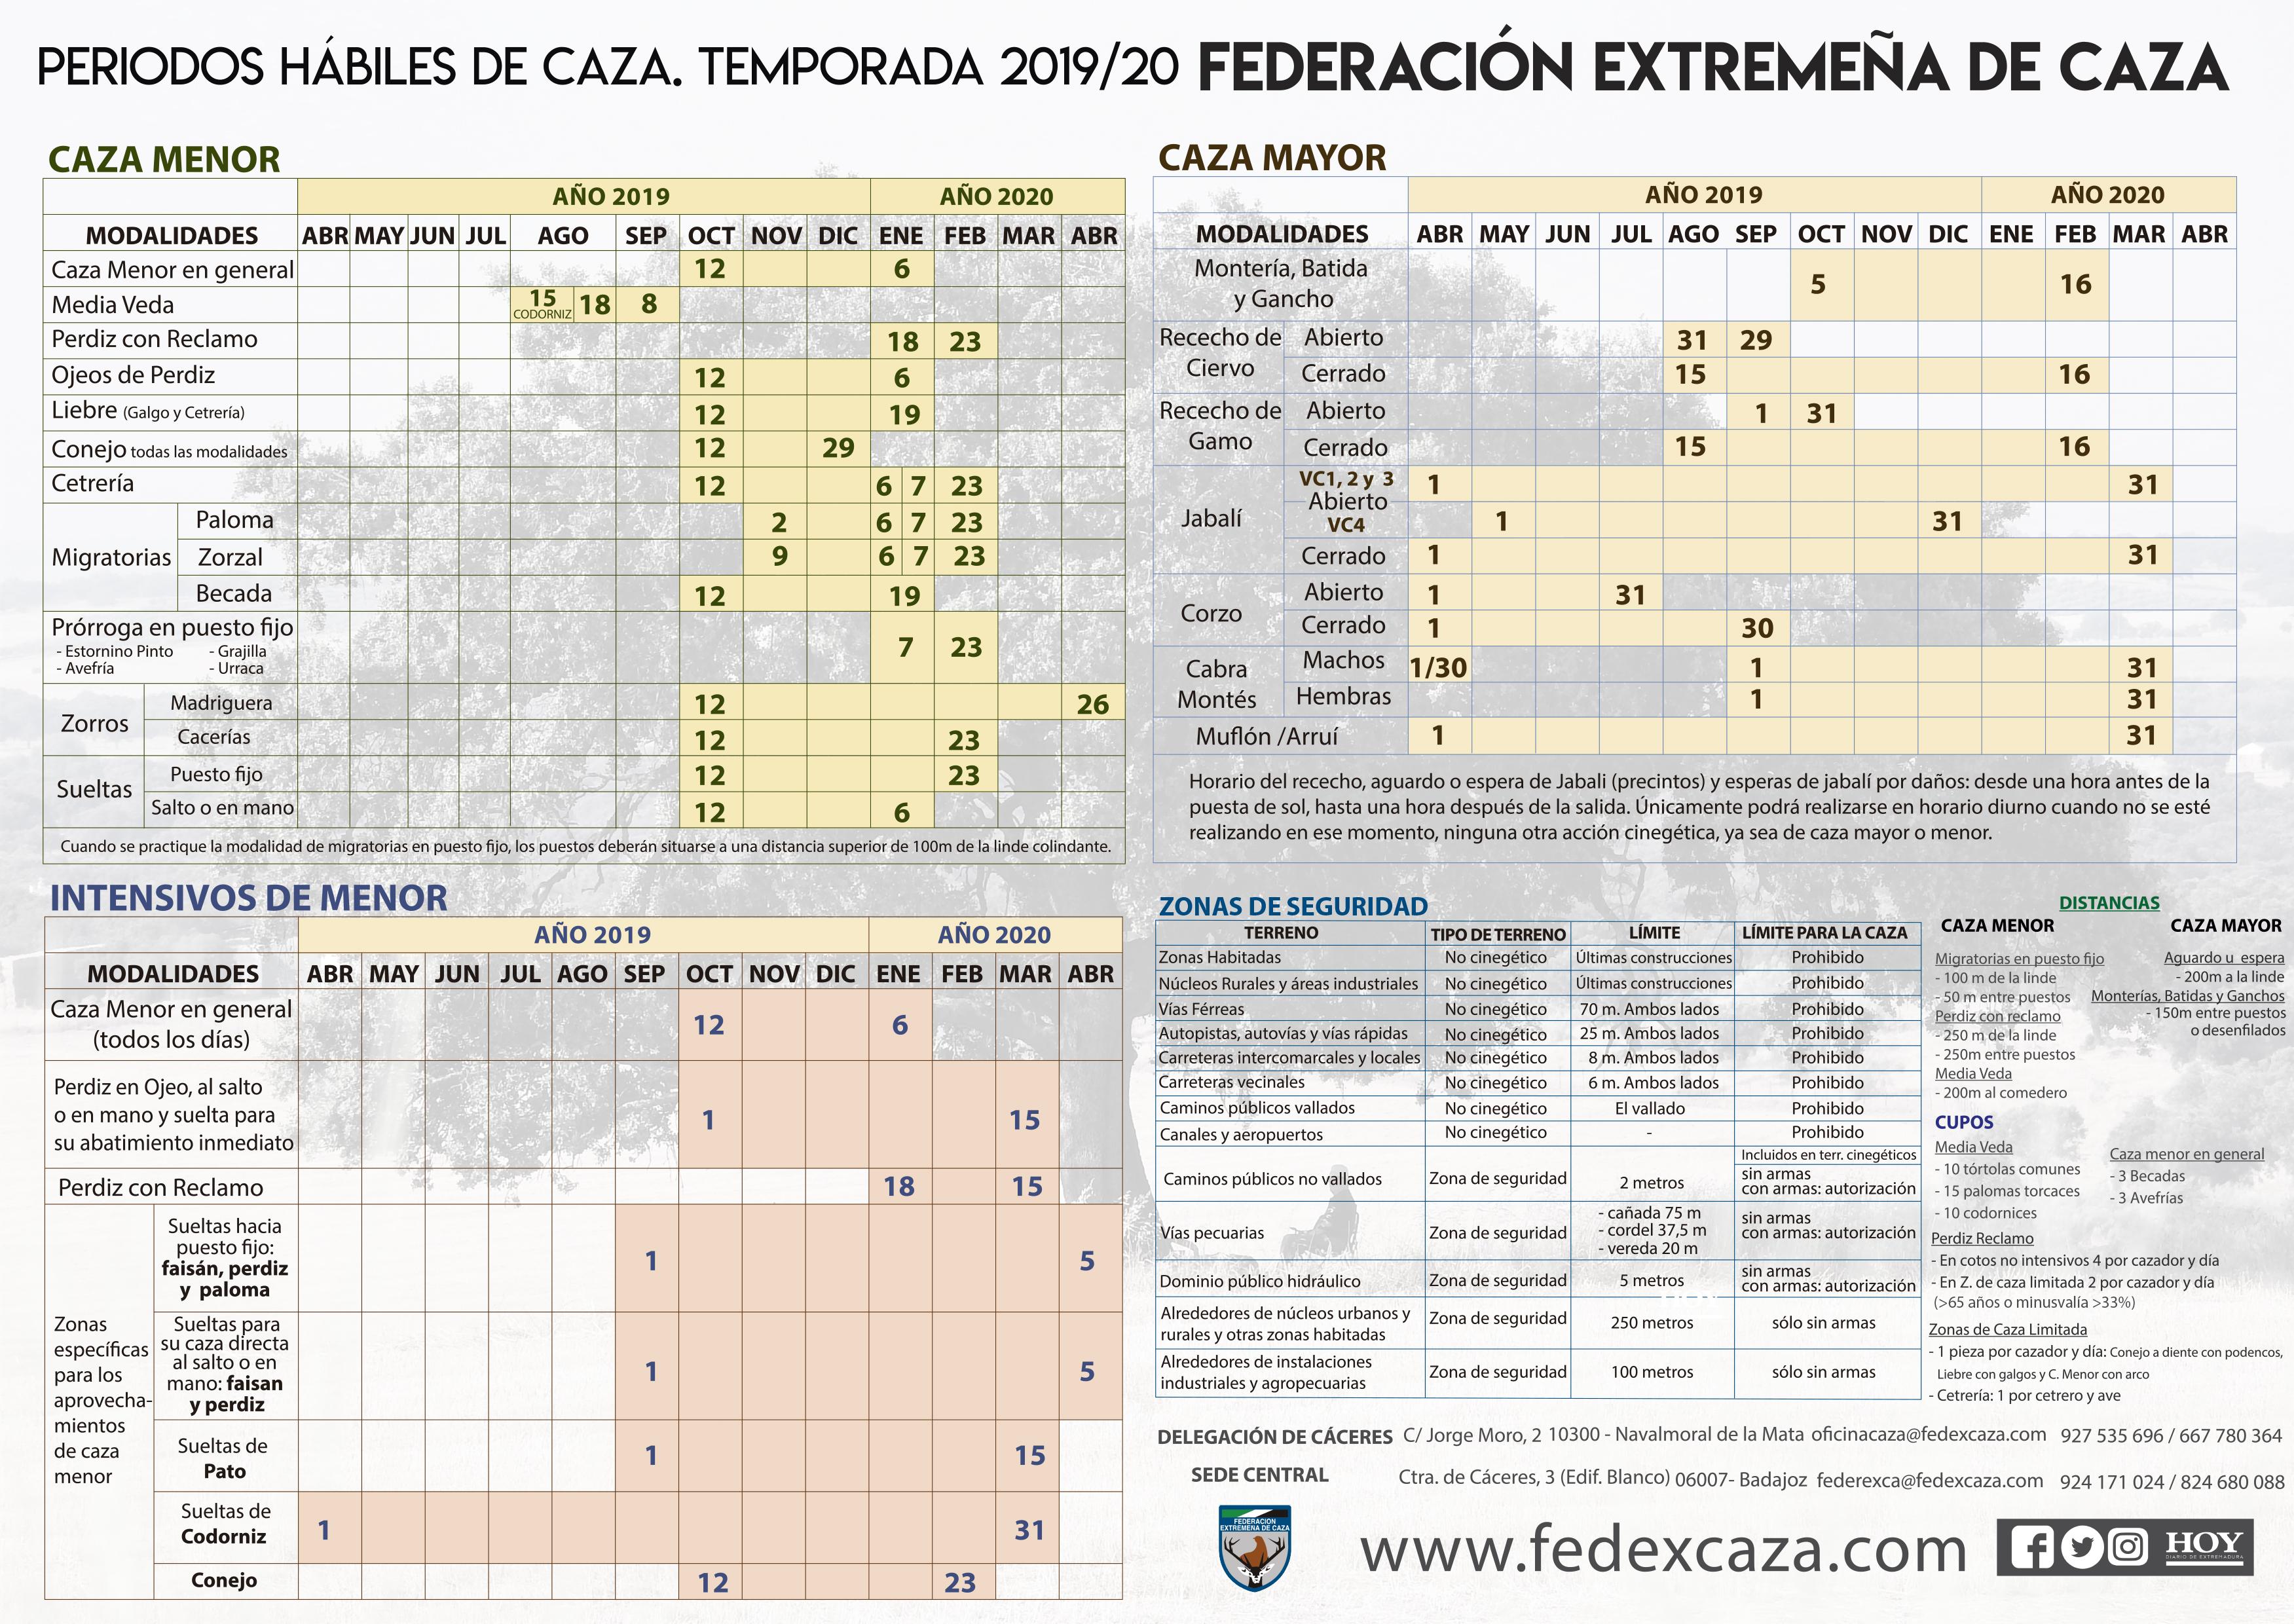 Calendario Laboral 2020 Extremadura.Prorrogada La Orden General De Vedas Para La Temporada 2019 2020 Fedexcaza